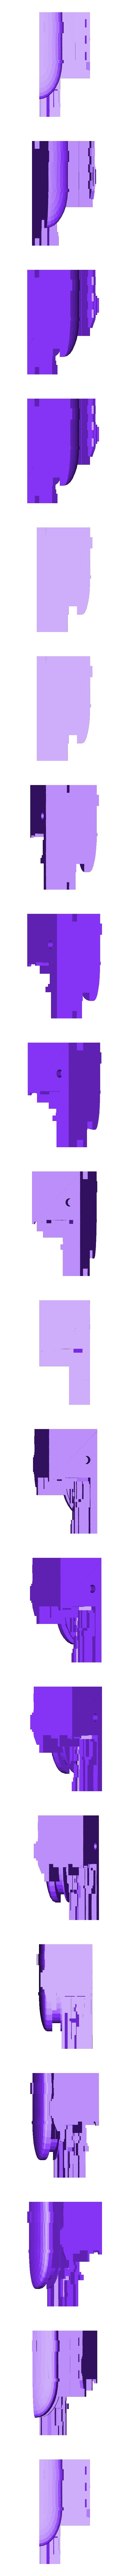 Rear_TopAC_ALT.stl Télécharger fichier STL gratuit Frégate Nebulon B (coupée et sectionnée) • Modèle pour impression 3D, Masterkookus